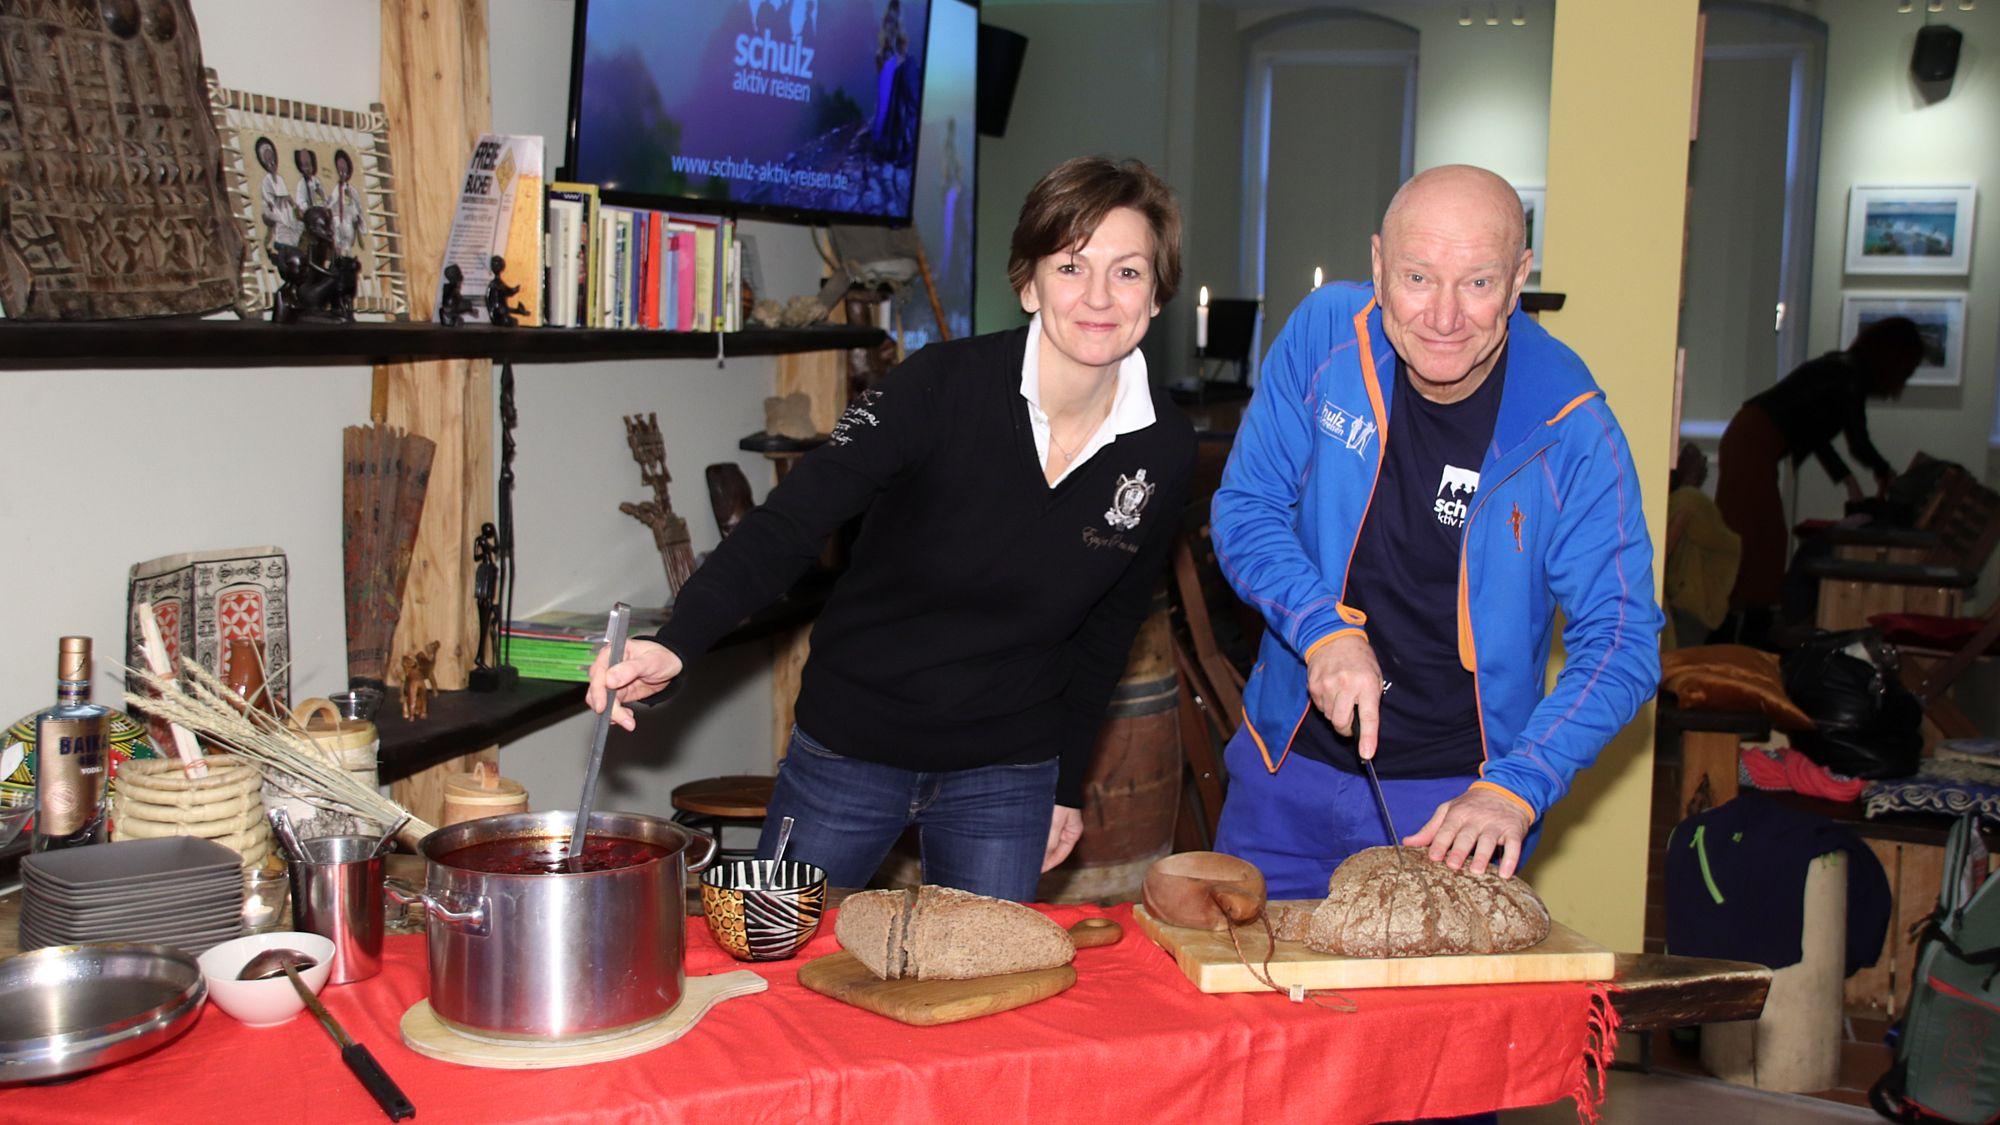 Geschäftsleiterin Ines Schmitt und Frank Schulz mit Borschtsch.